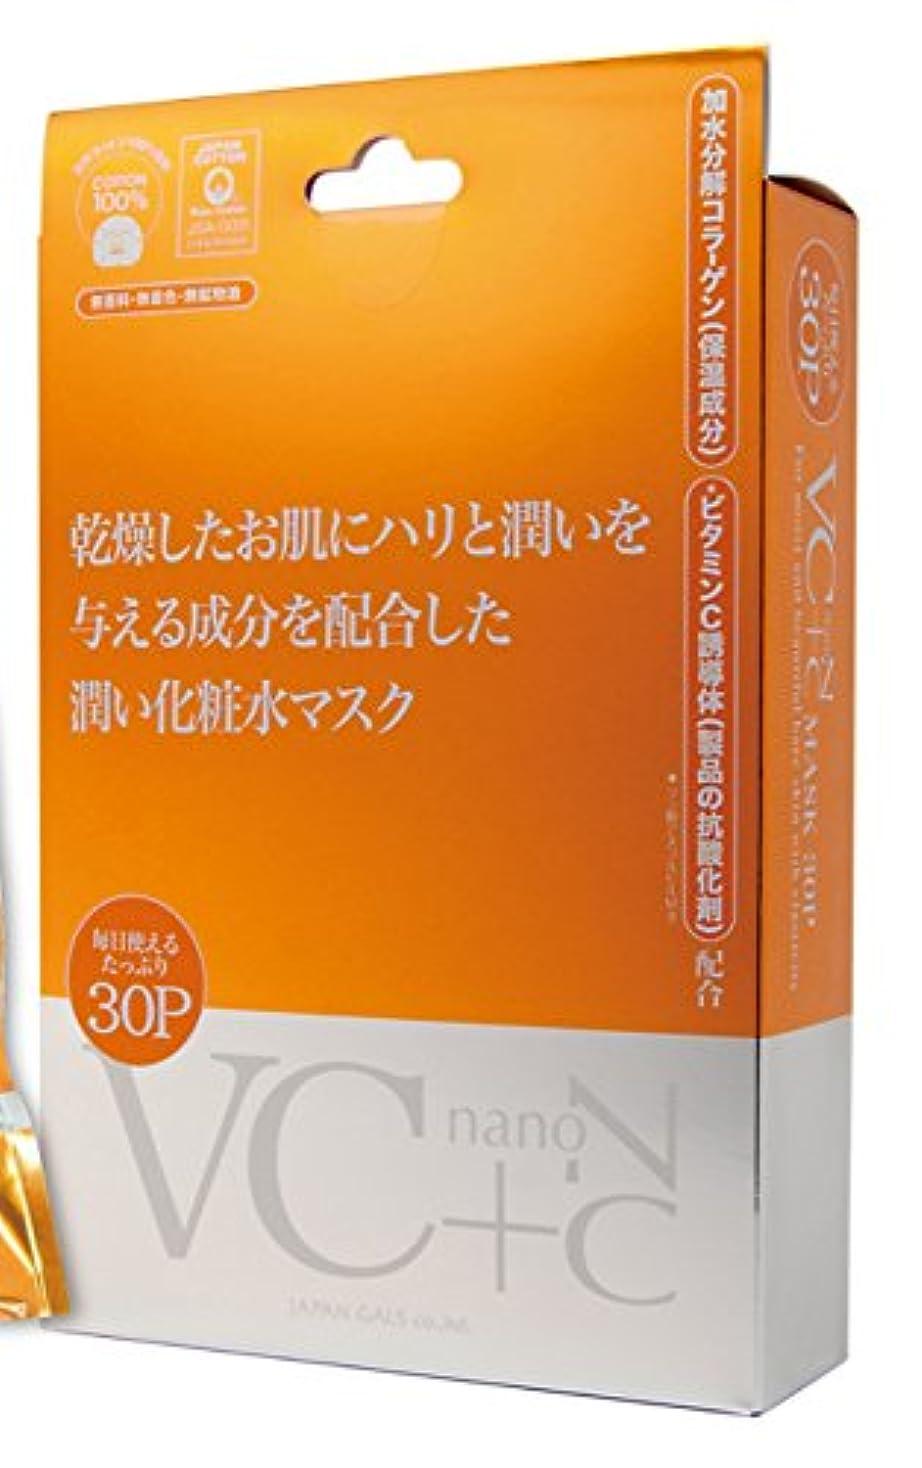 アサー判決ジャパンギャルズ VC+nanoC(ブイシープラスナノシー) マスク30P